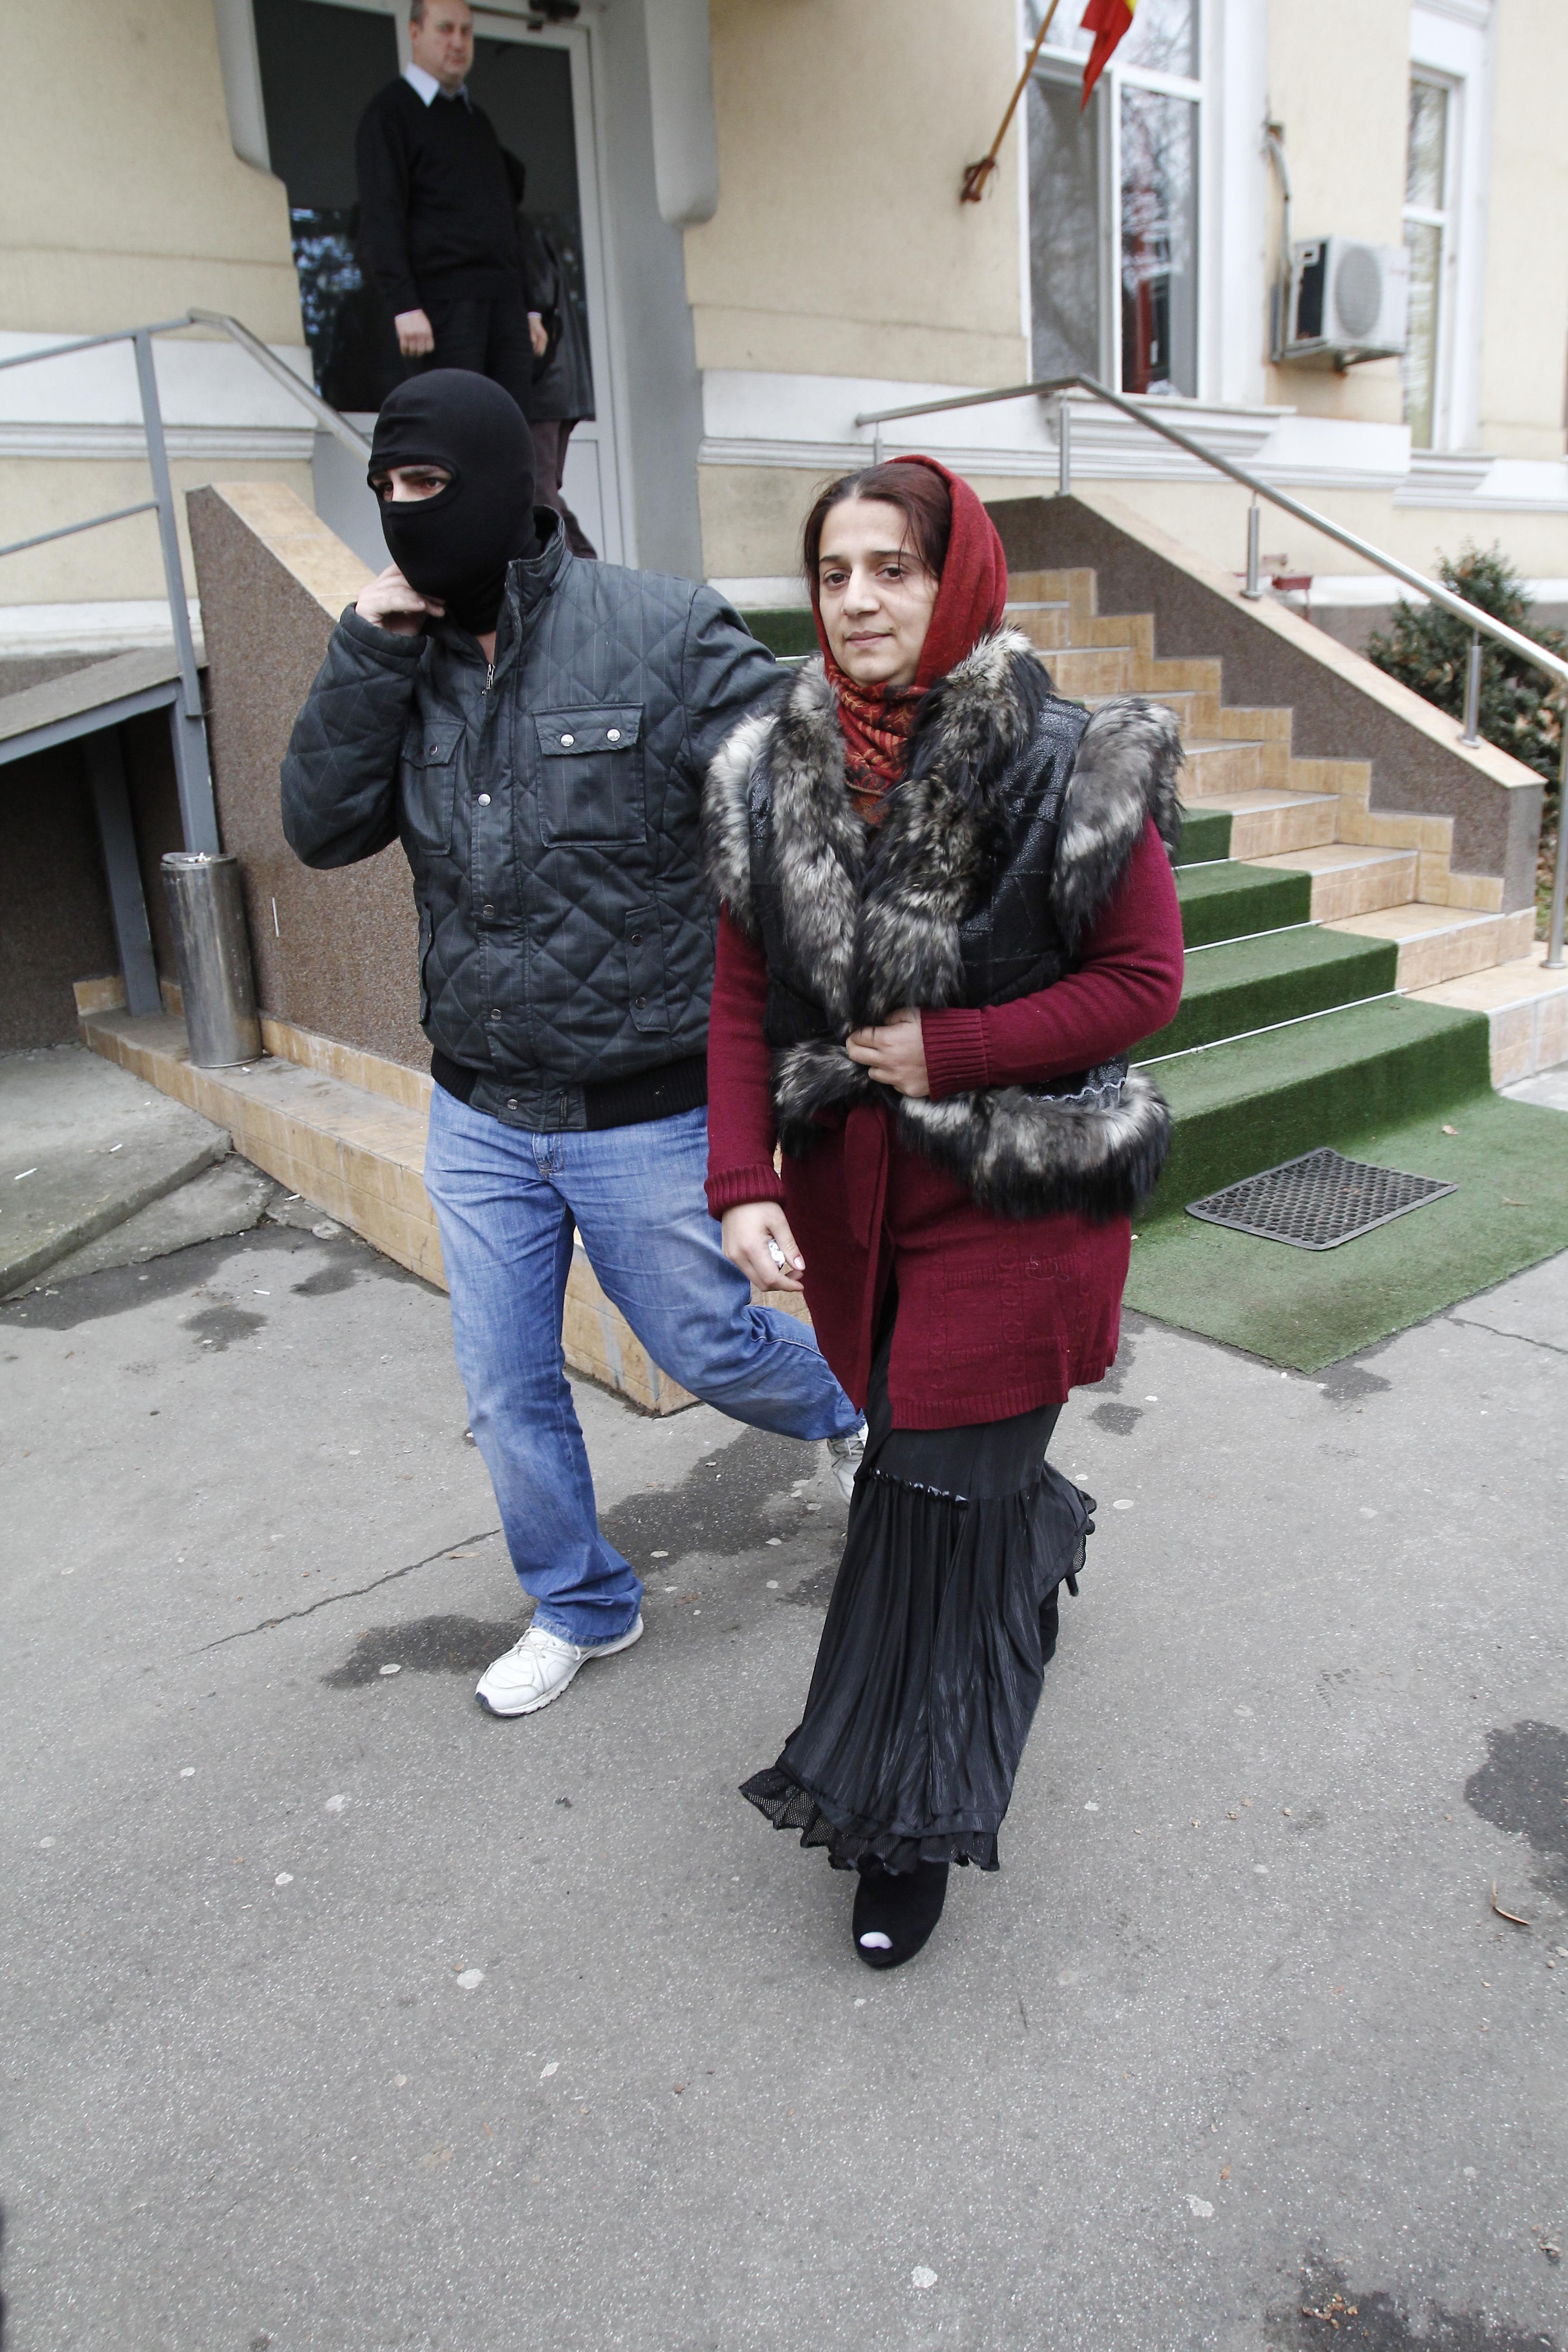 Vrajitoarea Vanessa a fost condamnata la sapte ani de inchisoare in acelasi dosar cu Minca Cupar